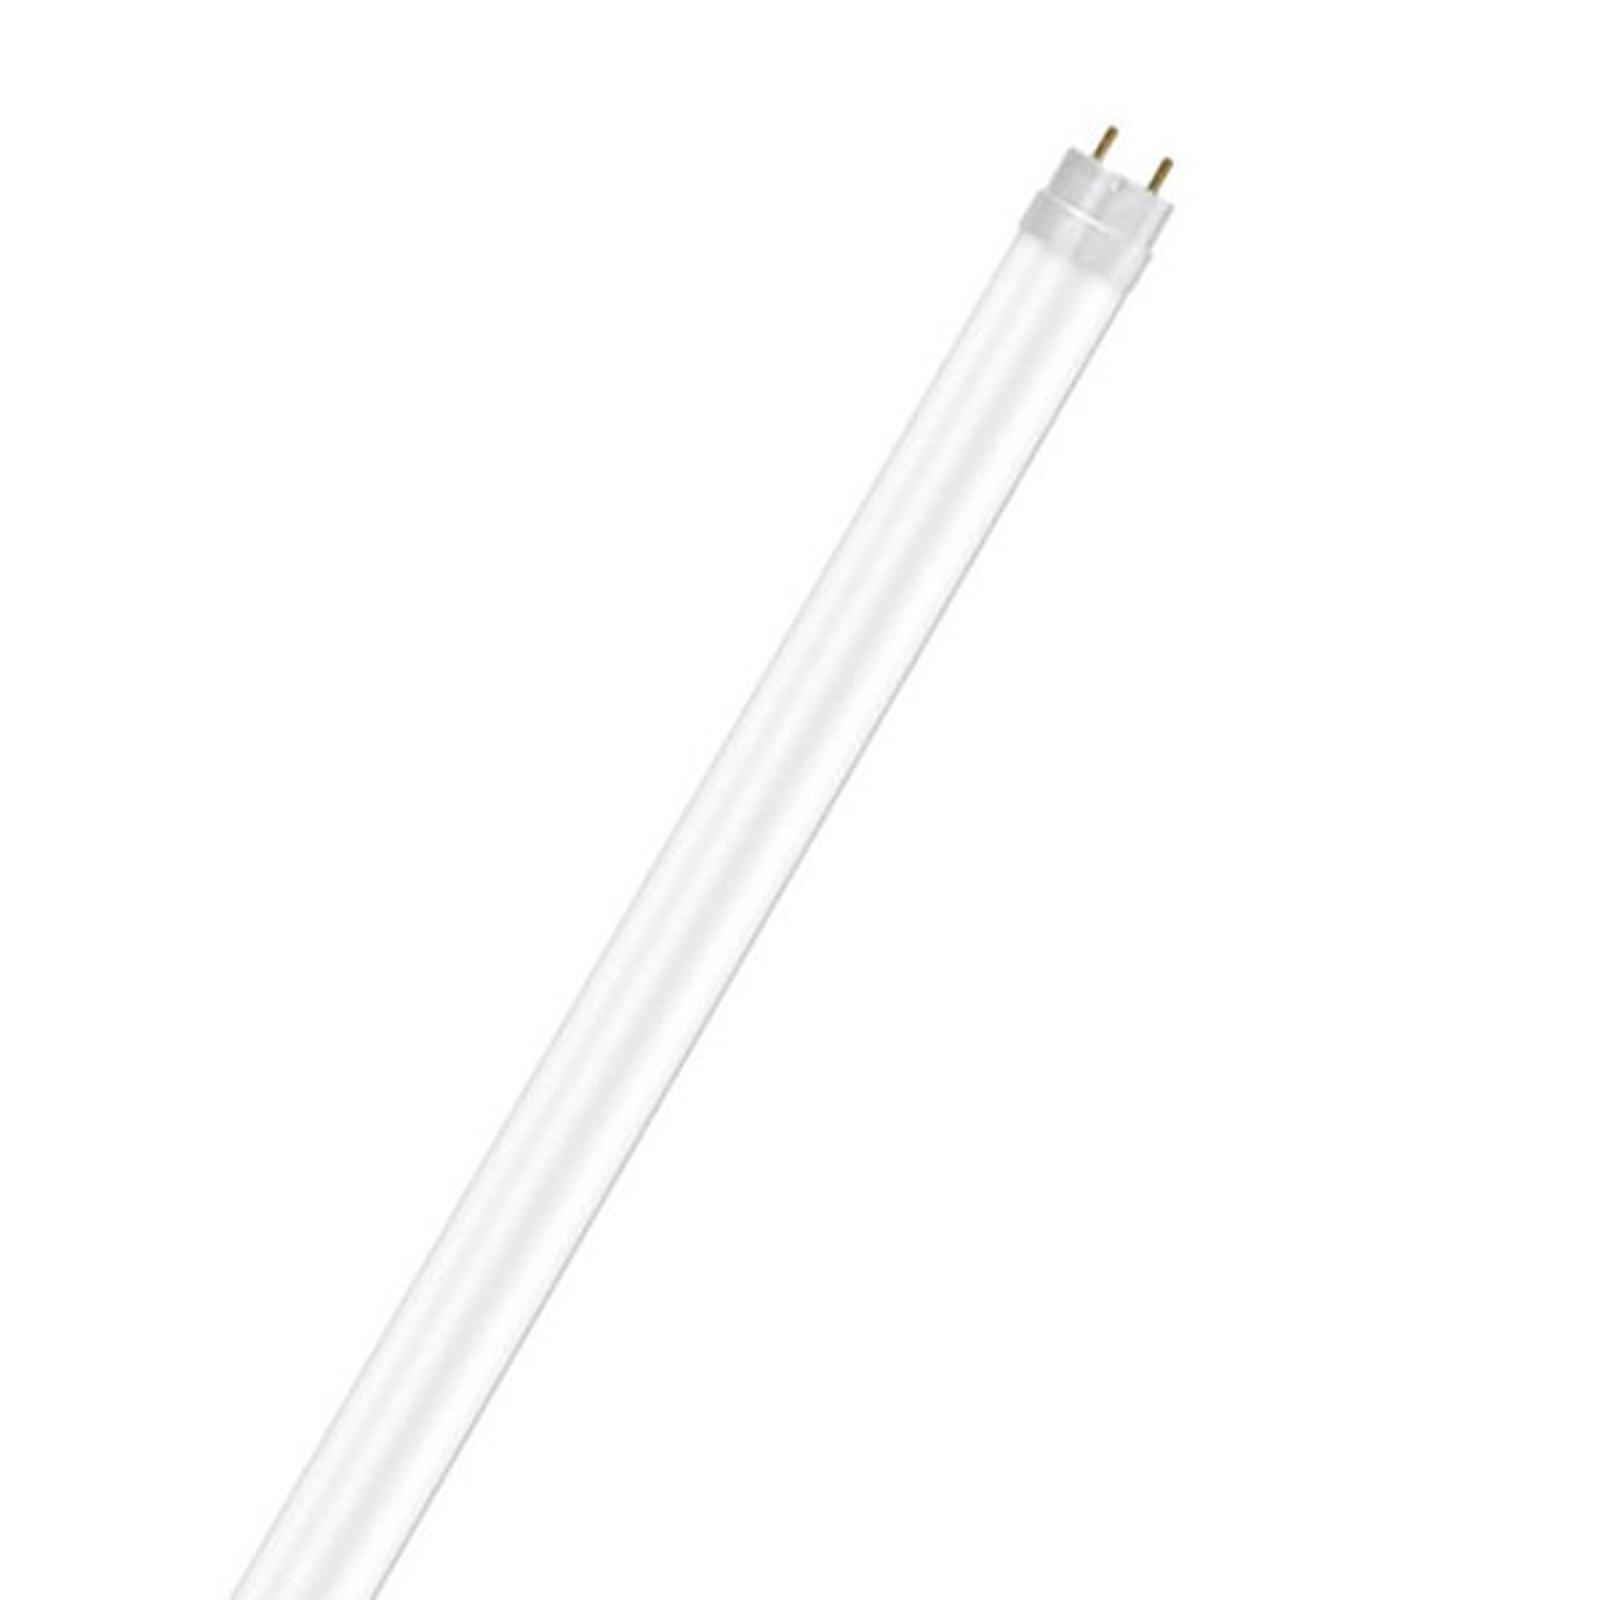 OSRAM LED tubus G13 150cm SubstiTUBE 20W 3000K